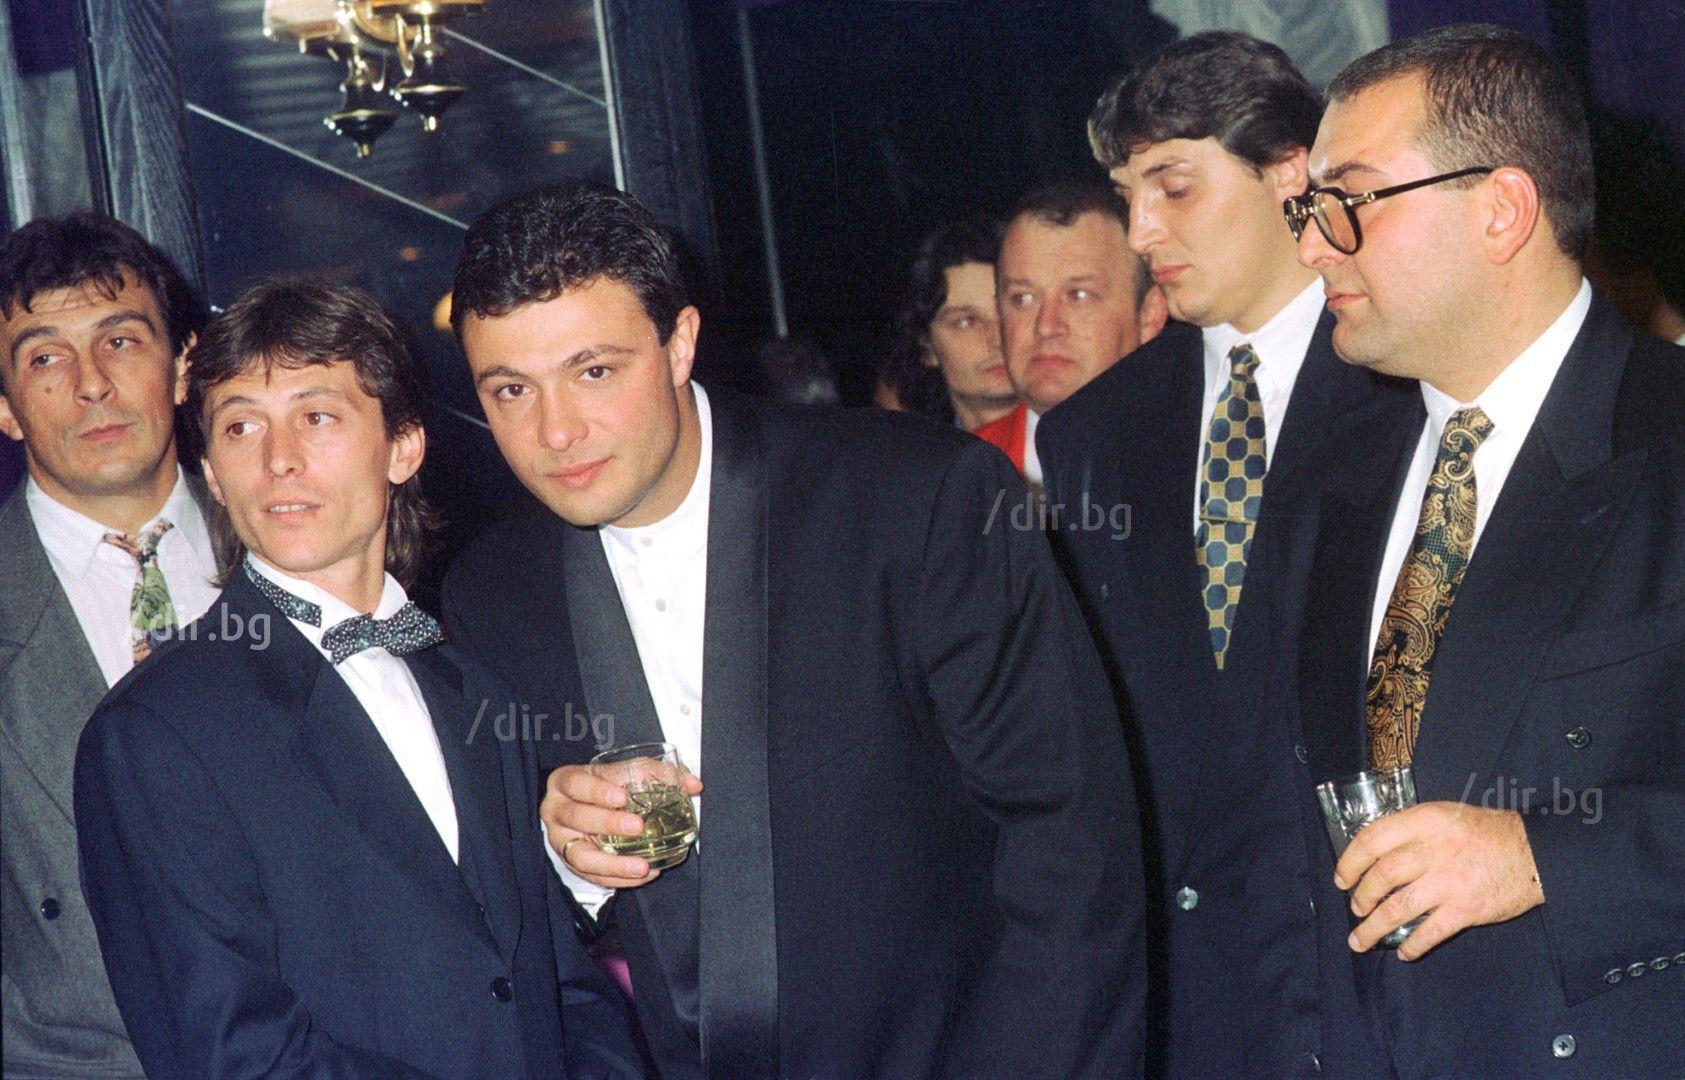 1995 г. Малкия Фатик (крайният вдясно) с Георги Илиев и Николай Цветин от ВИС 2 (Снимка: Иван Григоров/ Дир.бг)